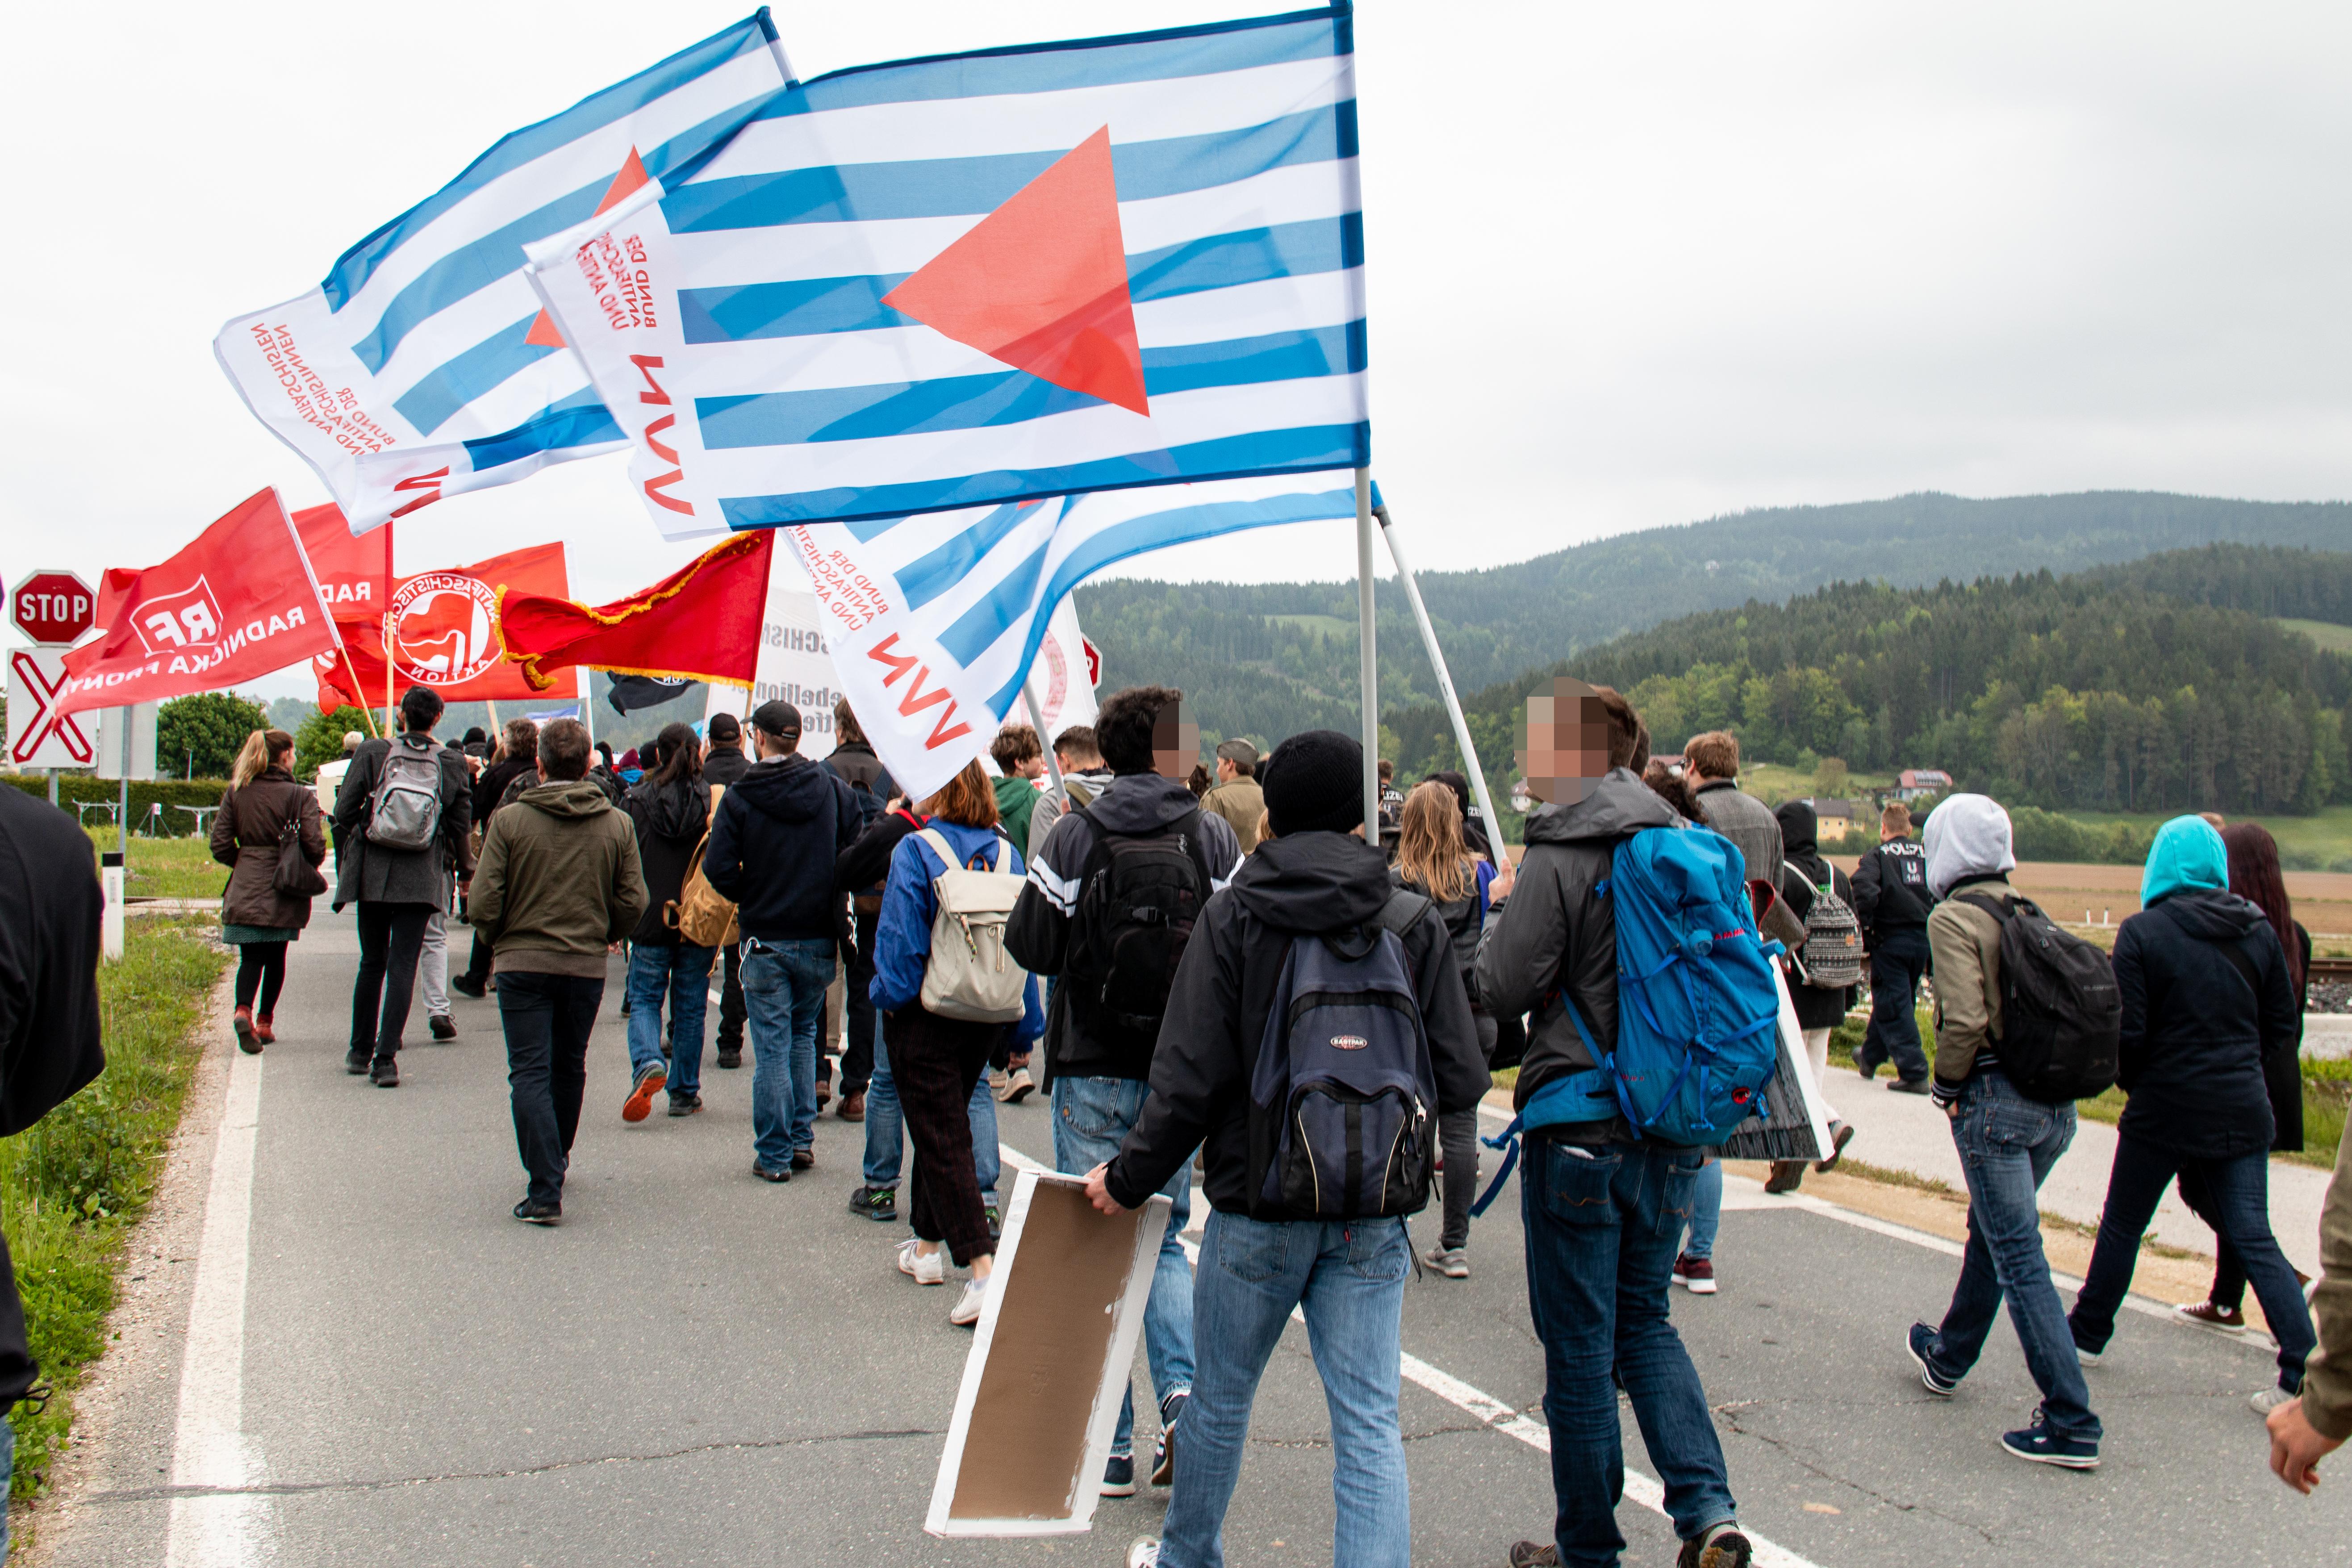 Gegenkundgebung 2019 (Foto © Günter Krammer)